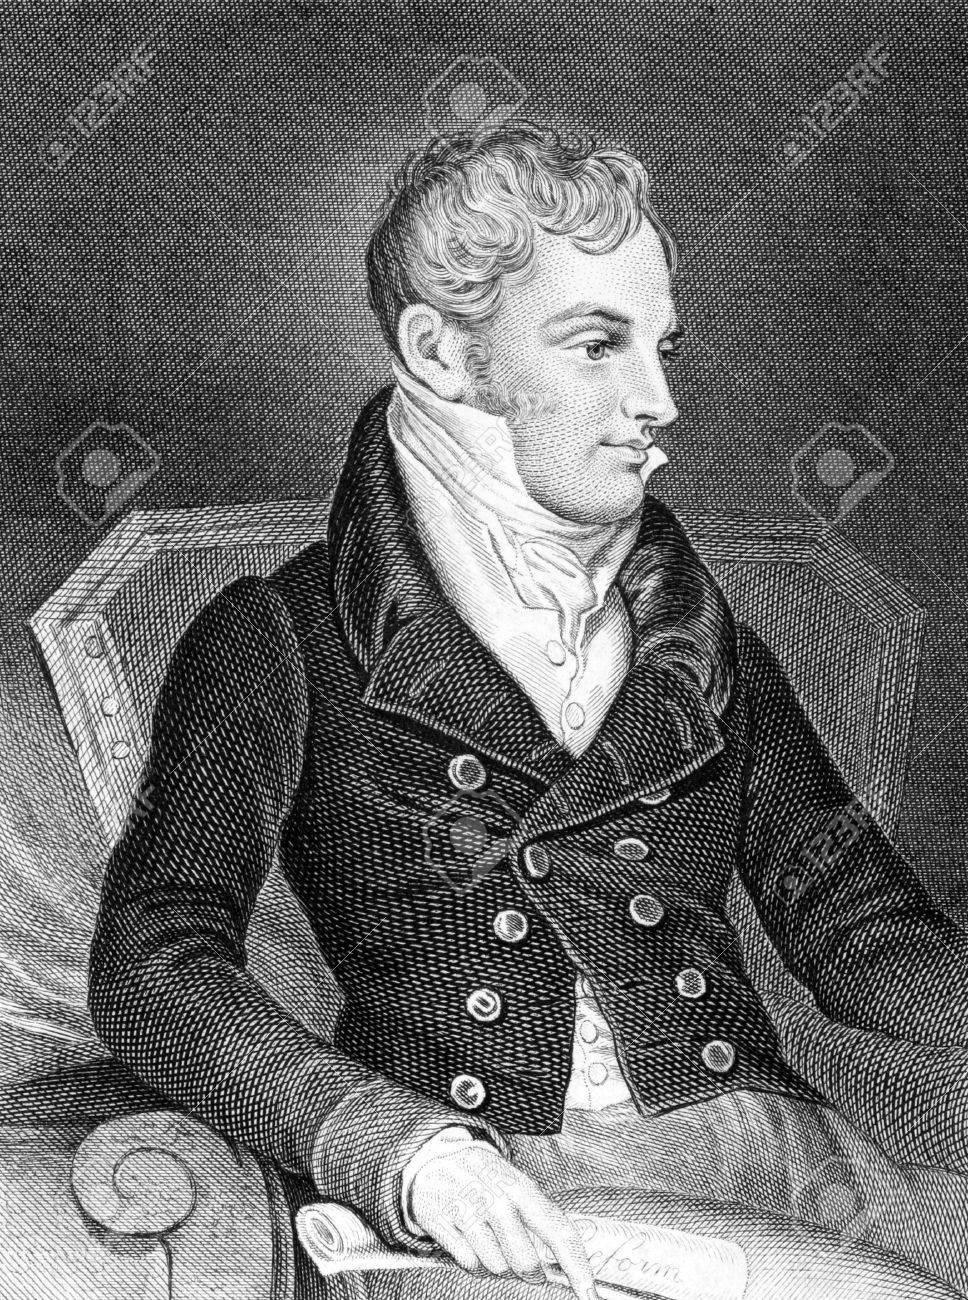 ジョン ラッセルは、1859 年からの彫刻についての第 1 伯爵ラッセル ...